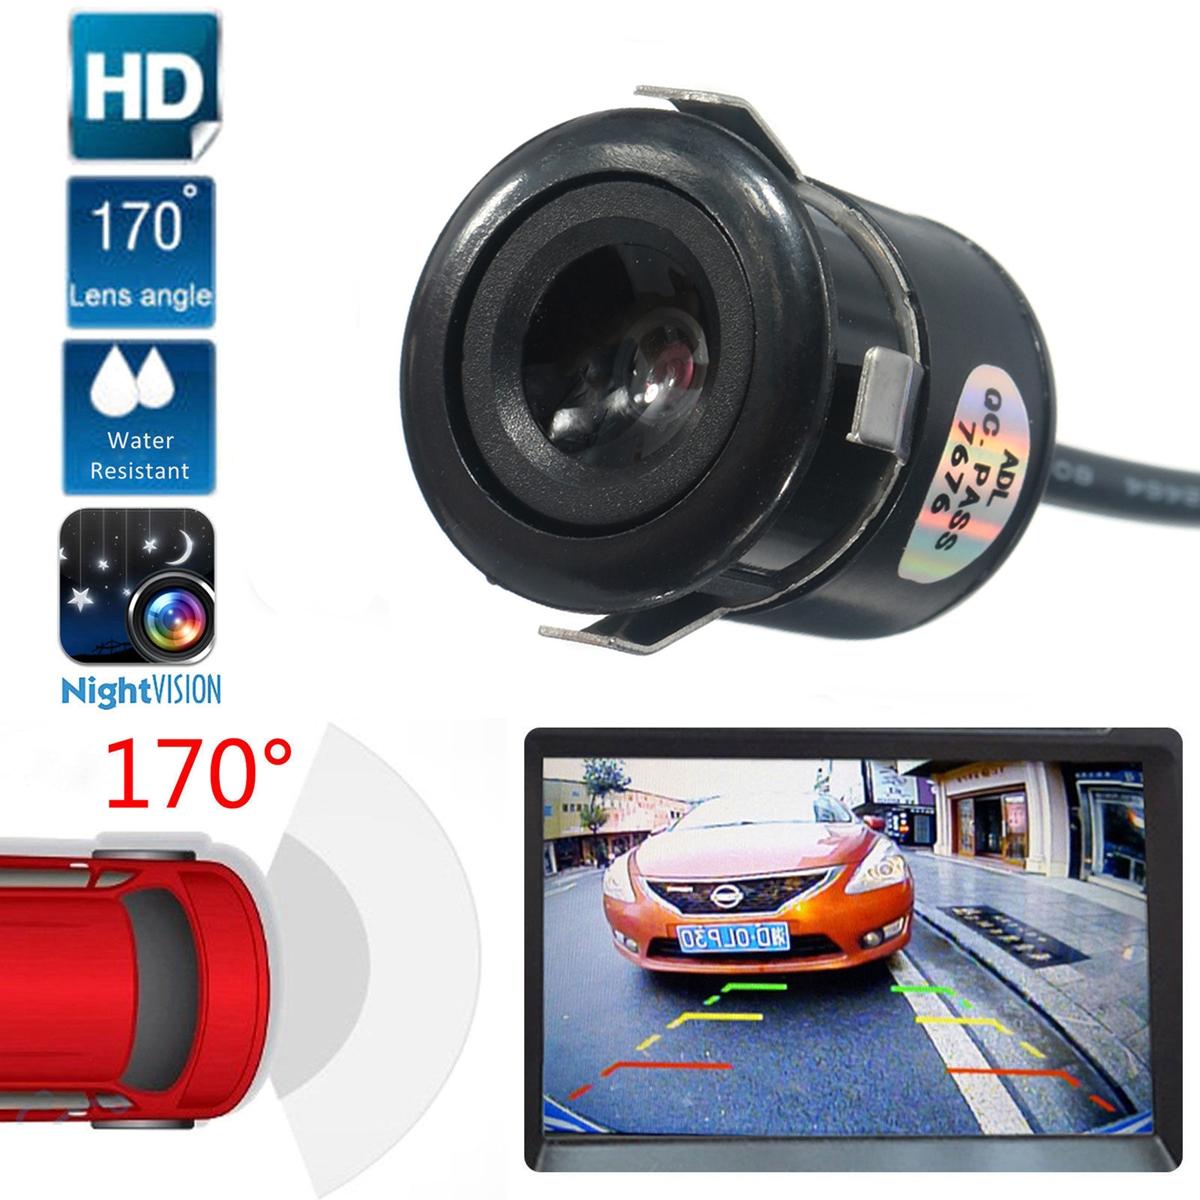 HD 170 Degree CMOS Cars Rear View Camera Waterproof Reverse Backup Camera Night vision